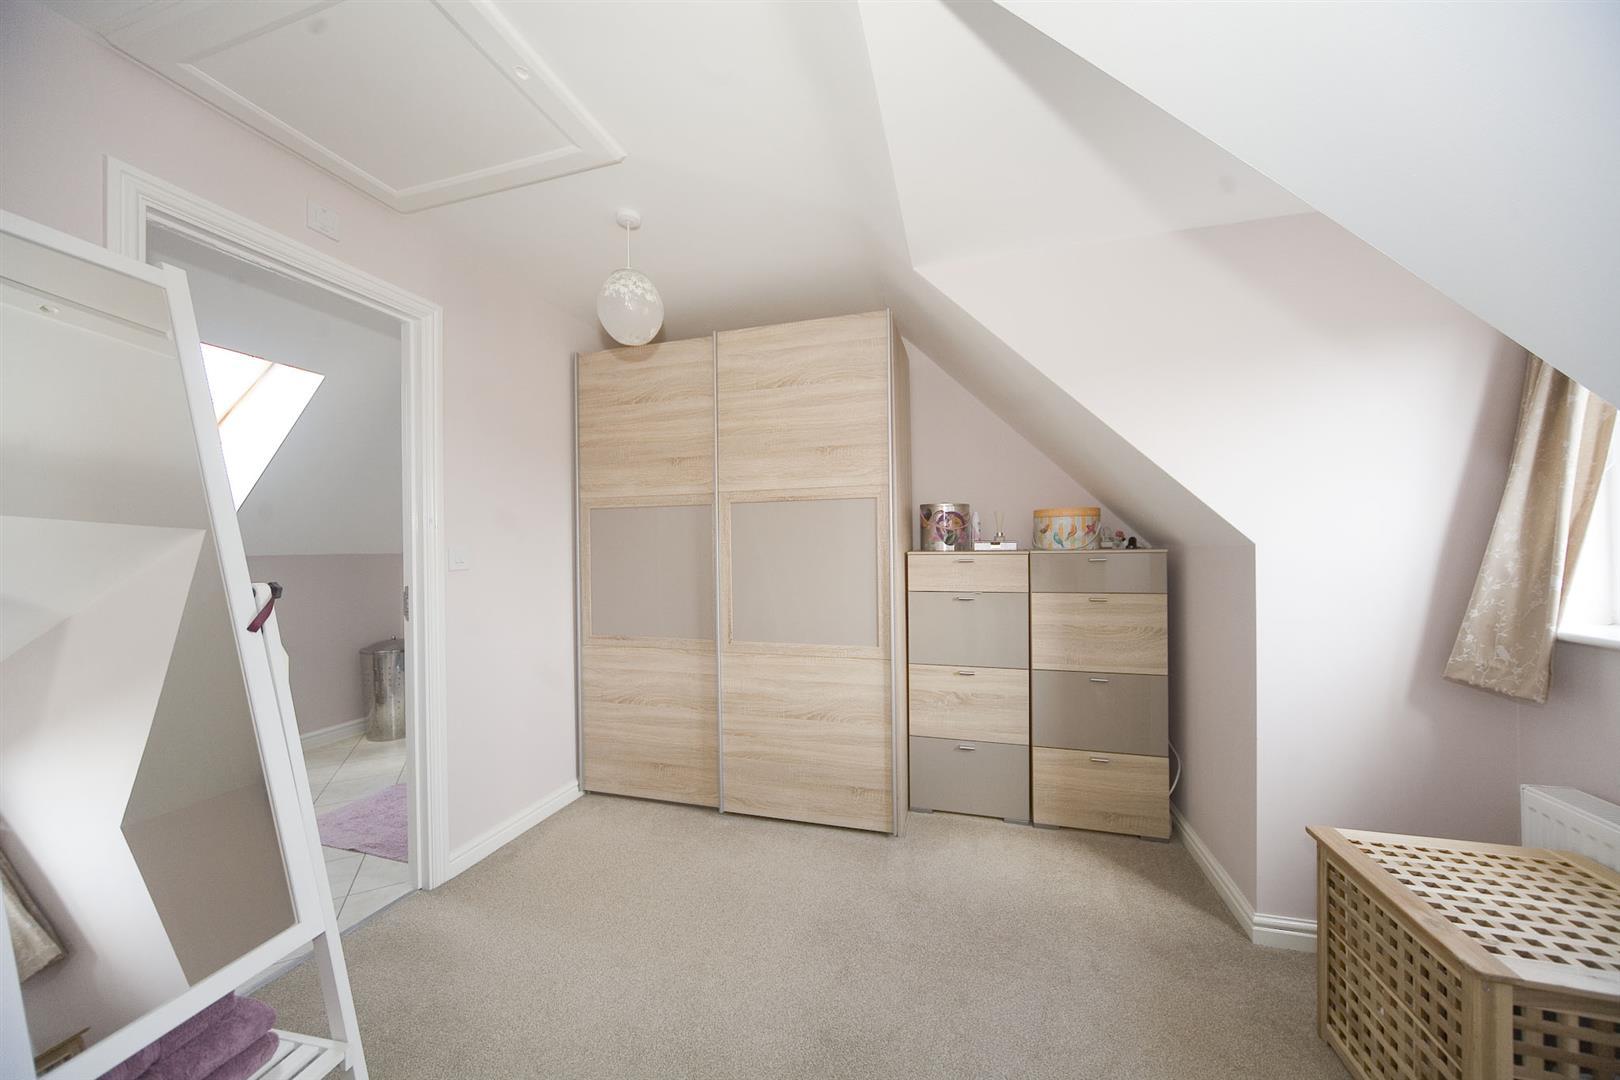 Bedroom one (top floor)